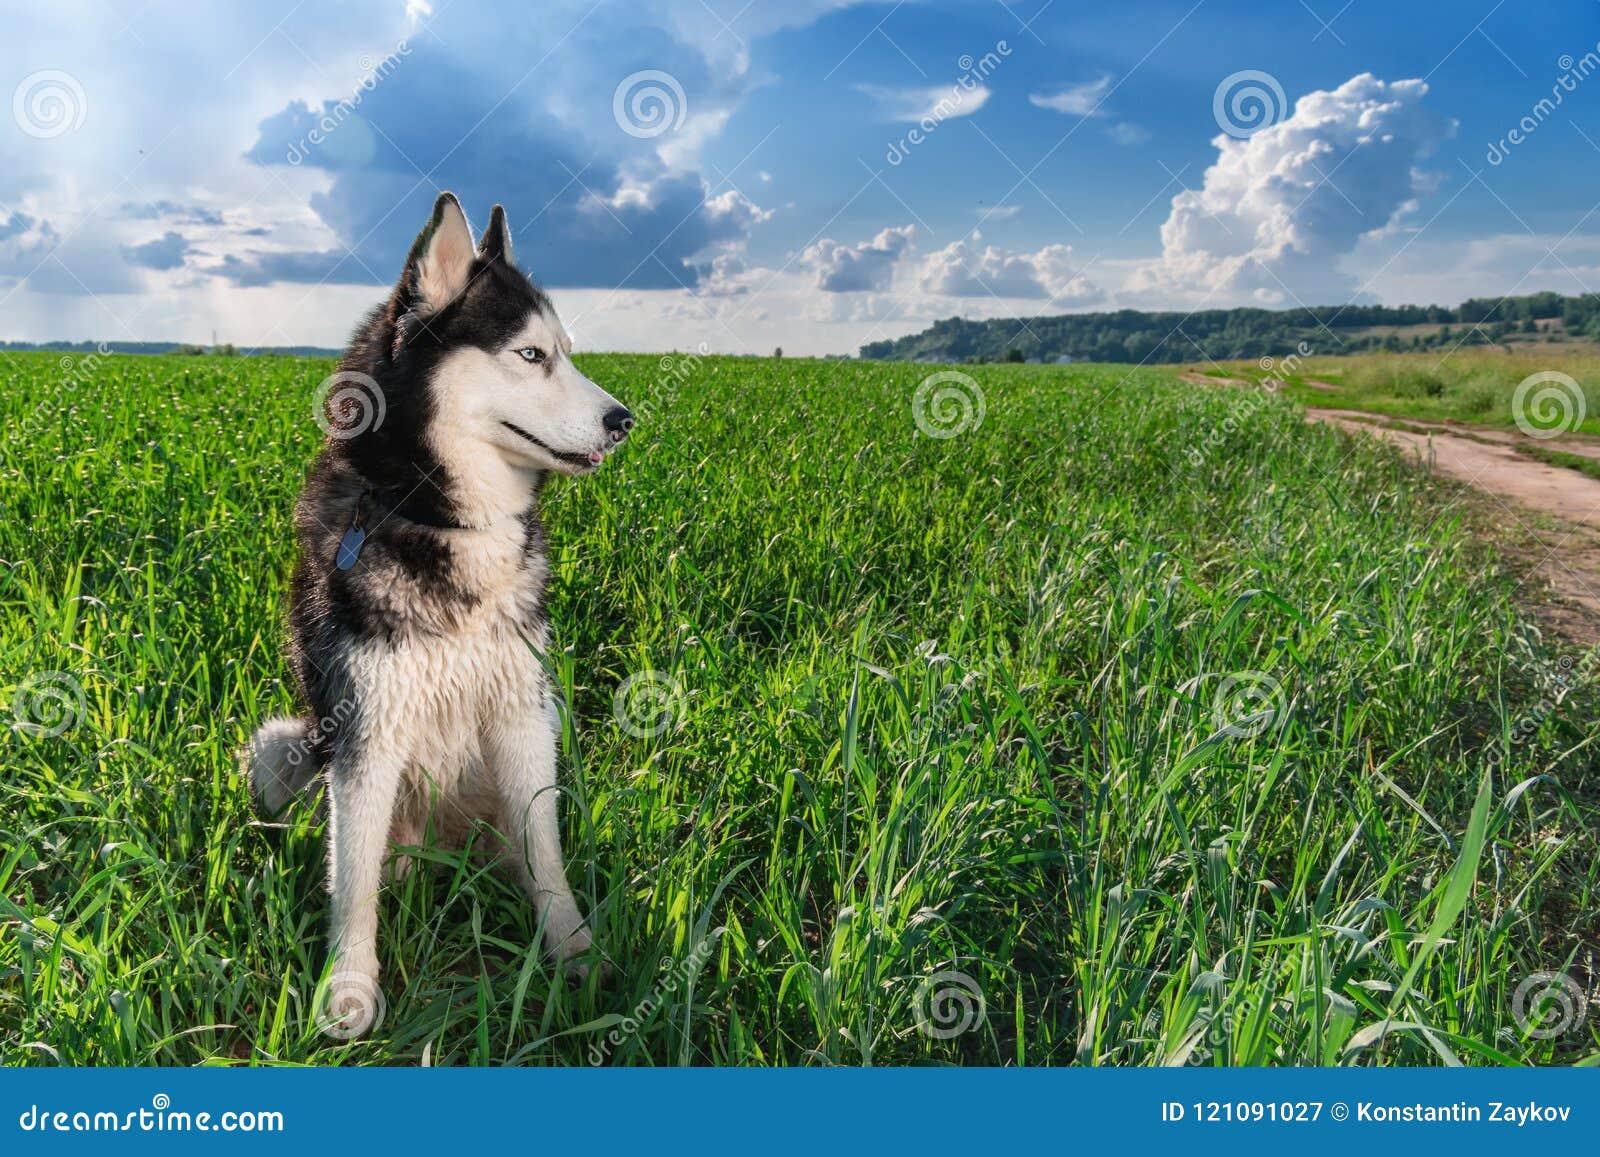 Couleur noire et blanche aux yeux bleus de chien de traîneau sibérien se reposant sur le champ vert clair Chien enroué de portrai